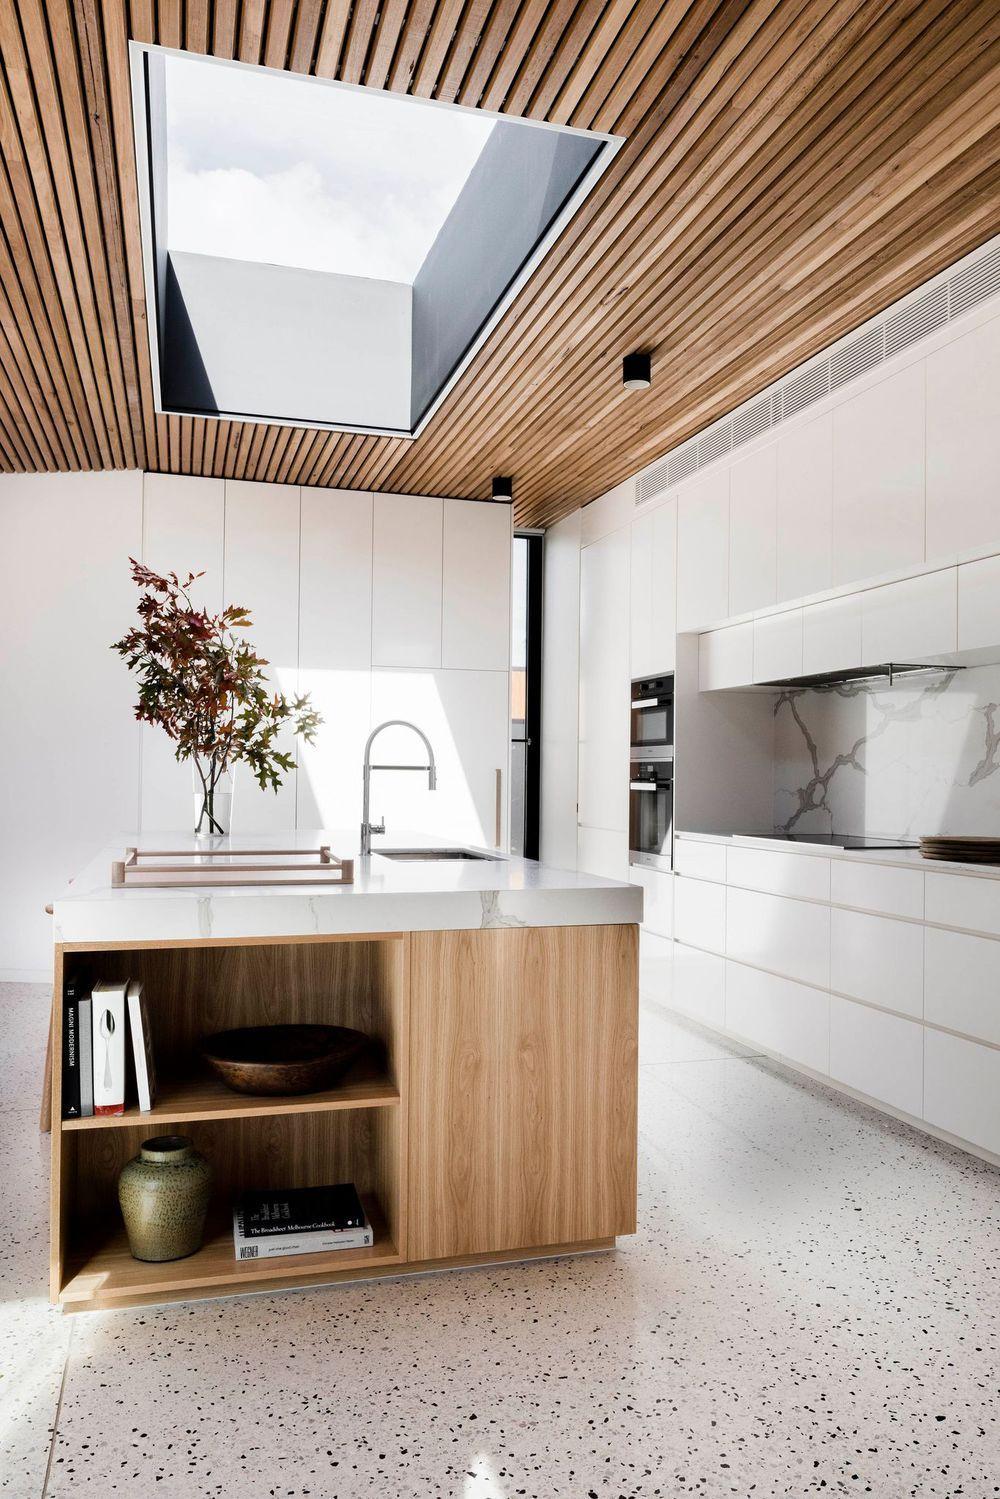 Le terrazzo dans la cuisine : tendance granito   NBICE   House ...